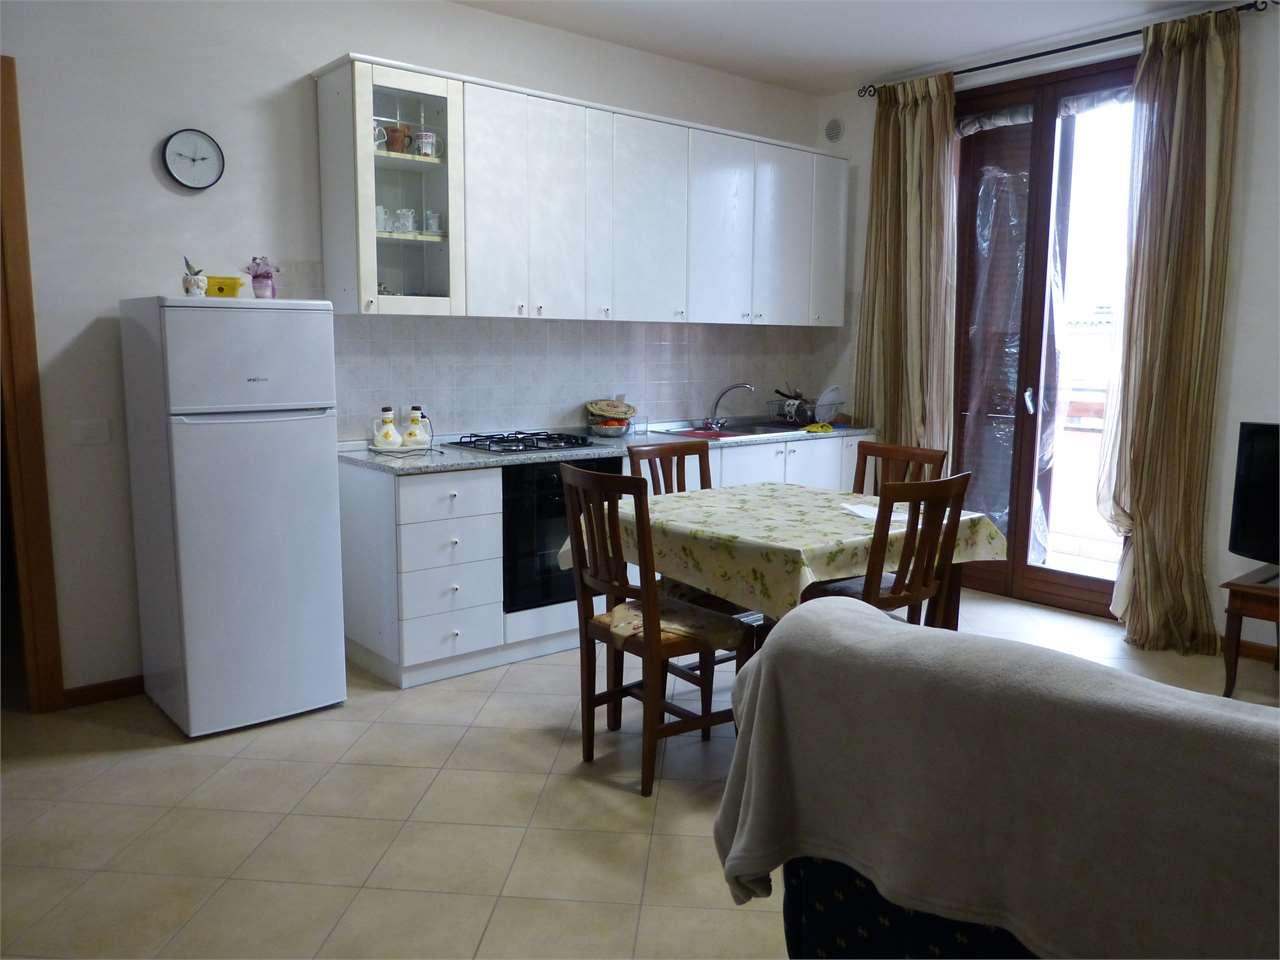 Appartamento in vendita a Subbiano, 3 locali, prezzo € 130.000 | CambioCasa.it